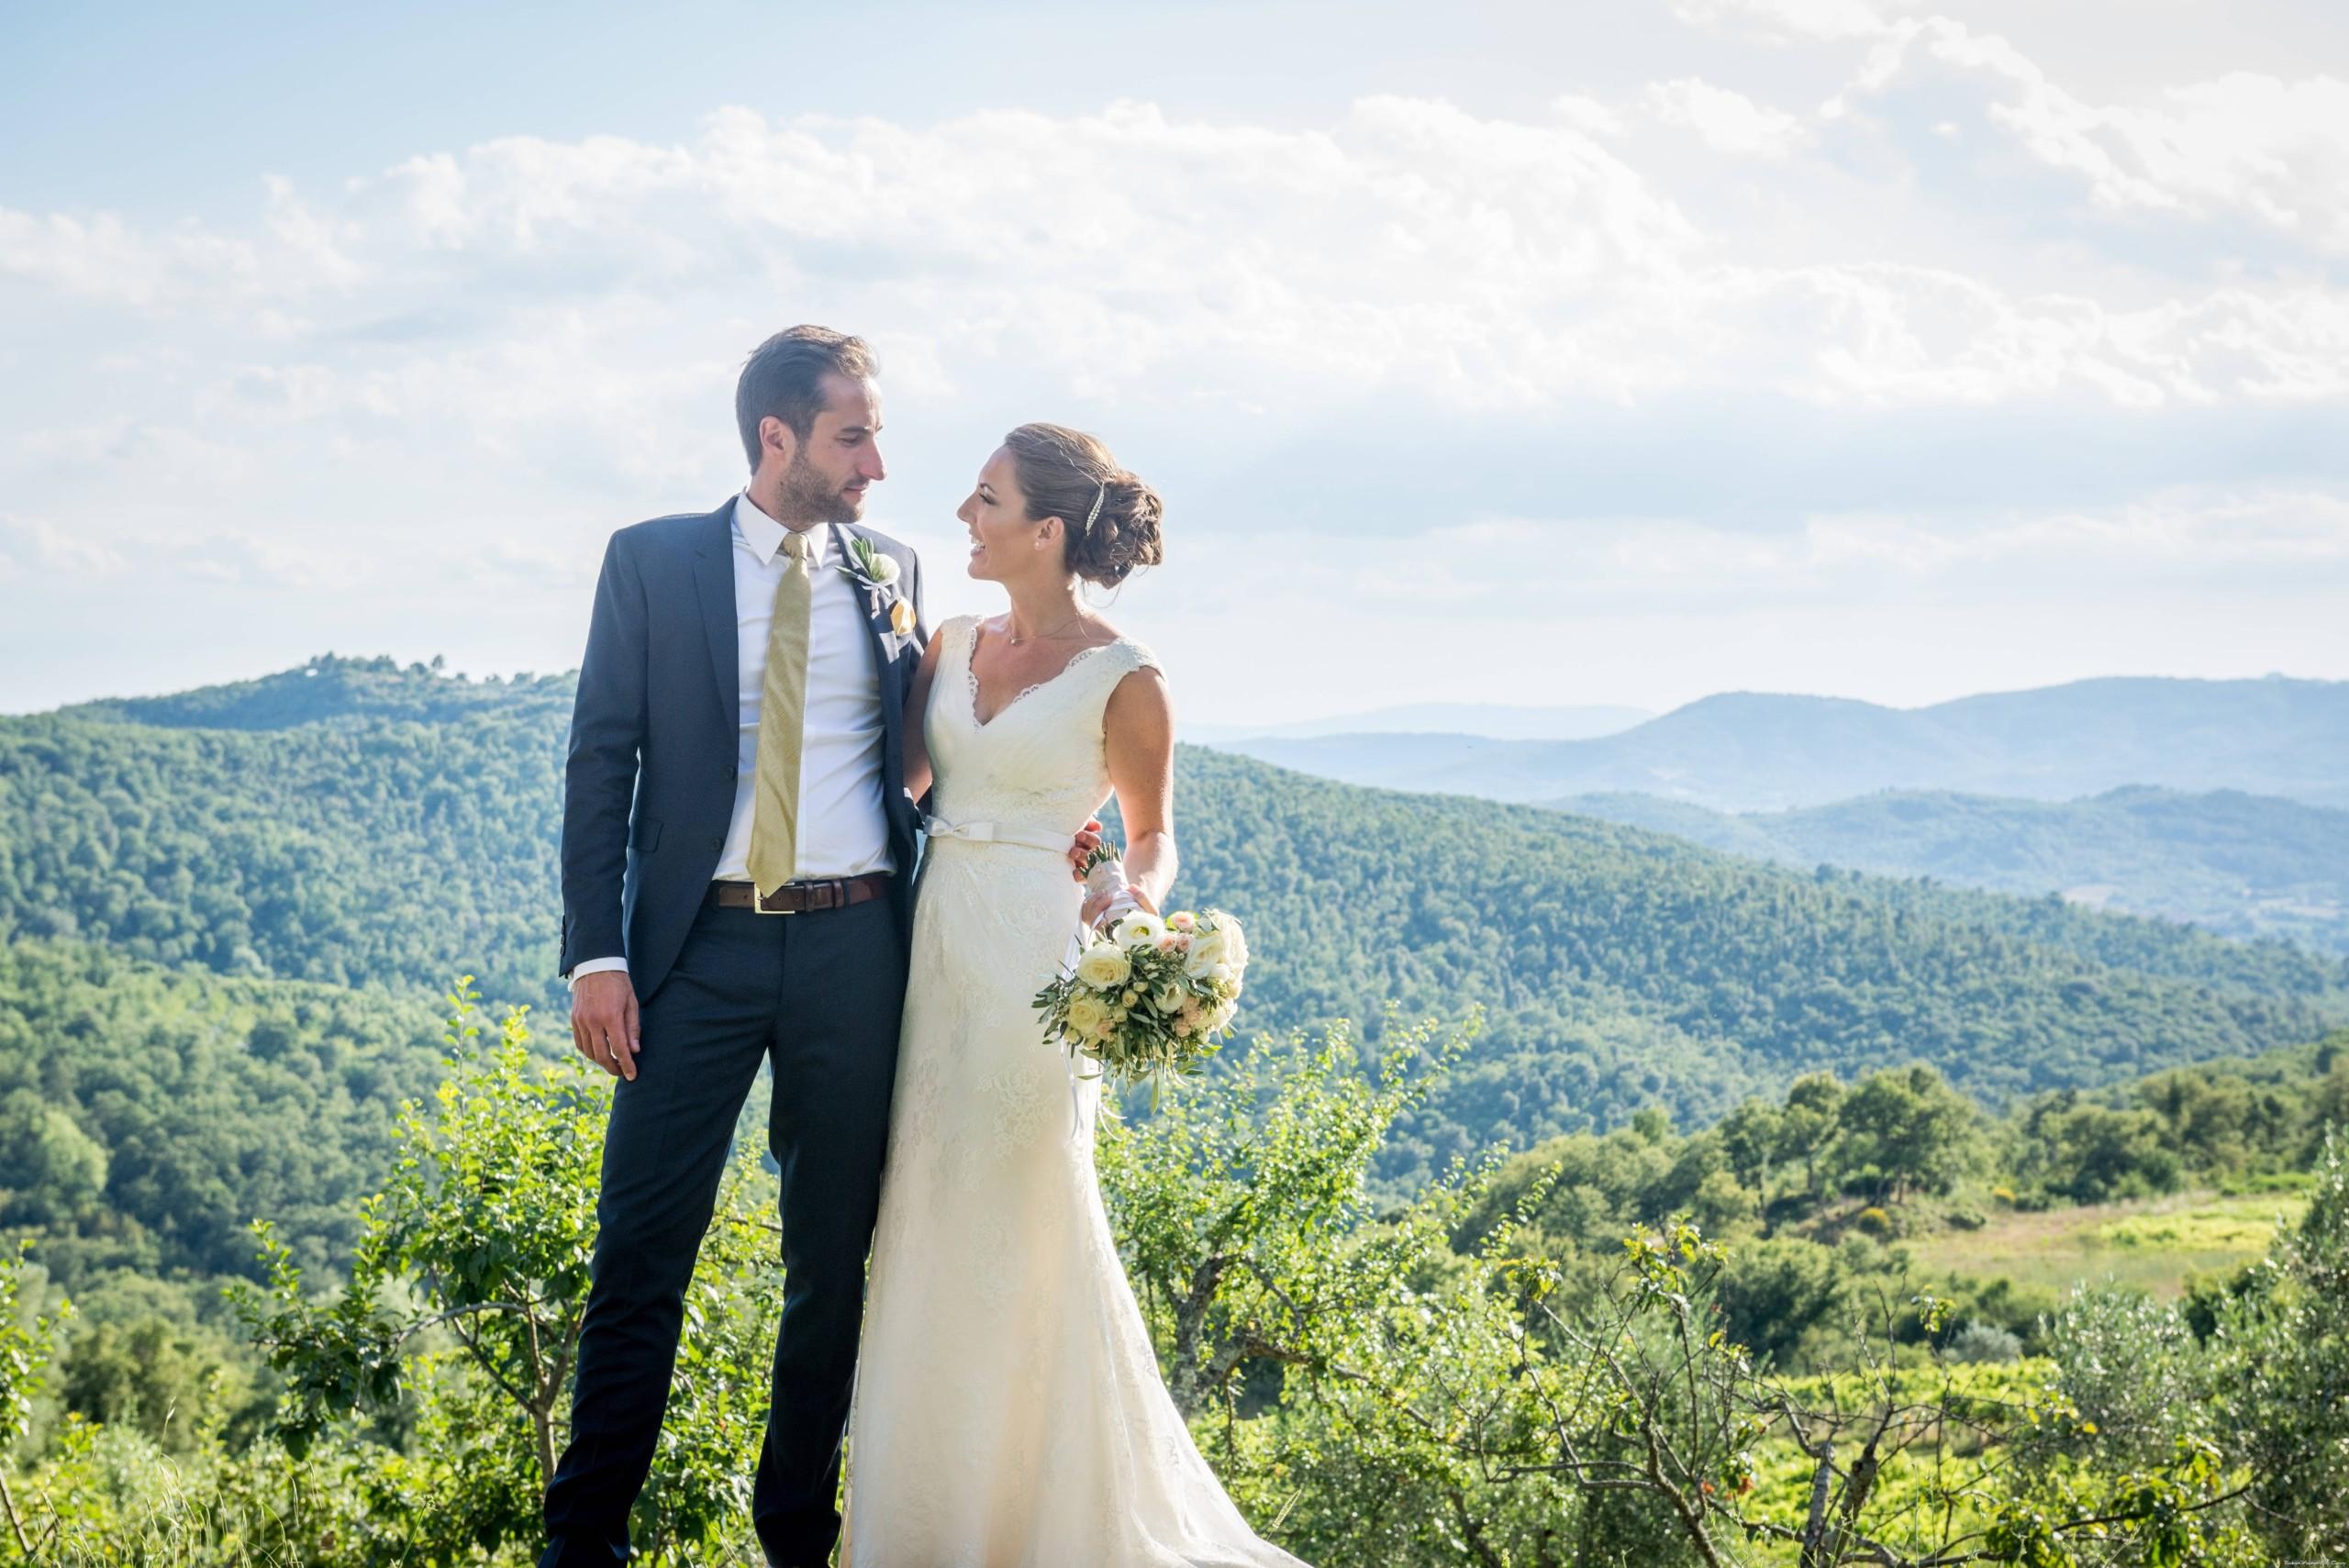 Symbolic ceremony in Tuscany – Katarina and David